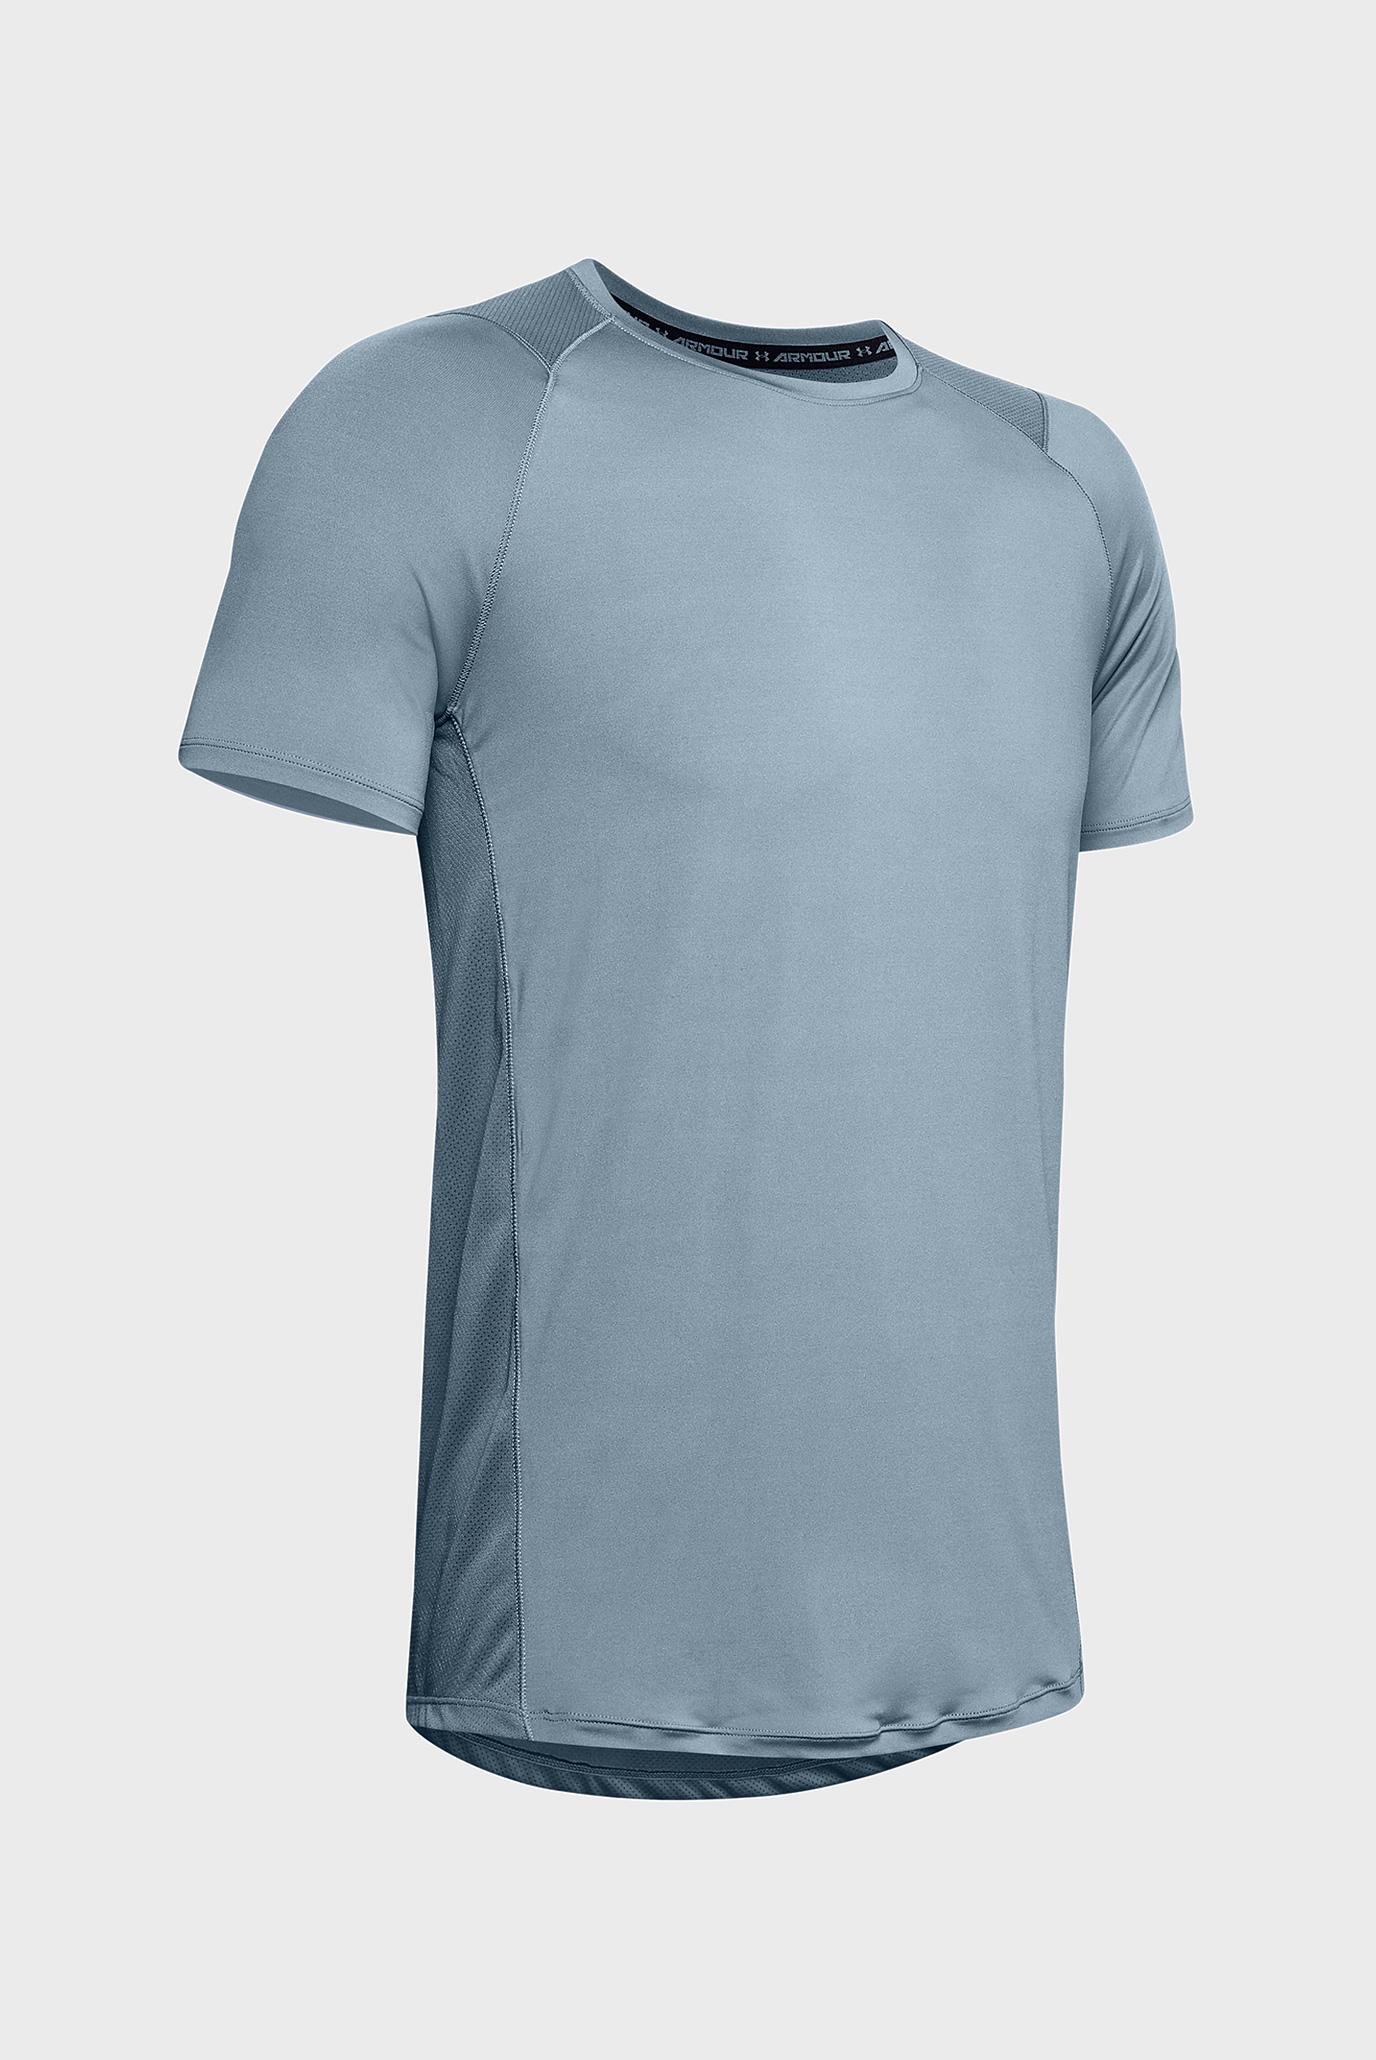 Купить Мужская голубая футболка MK1 SS Under Armour Under Armour 1306428-013 – Киев, Украина. Цены в интернет магазине MD Fashion